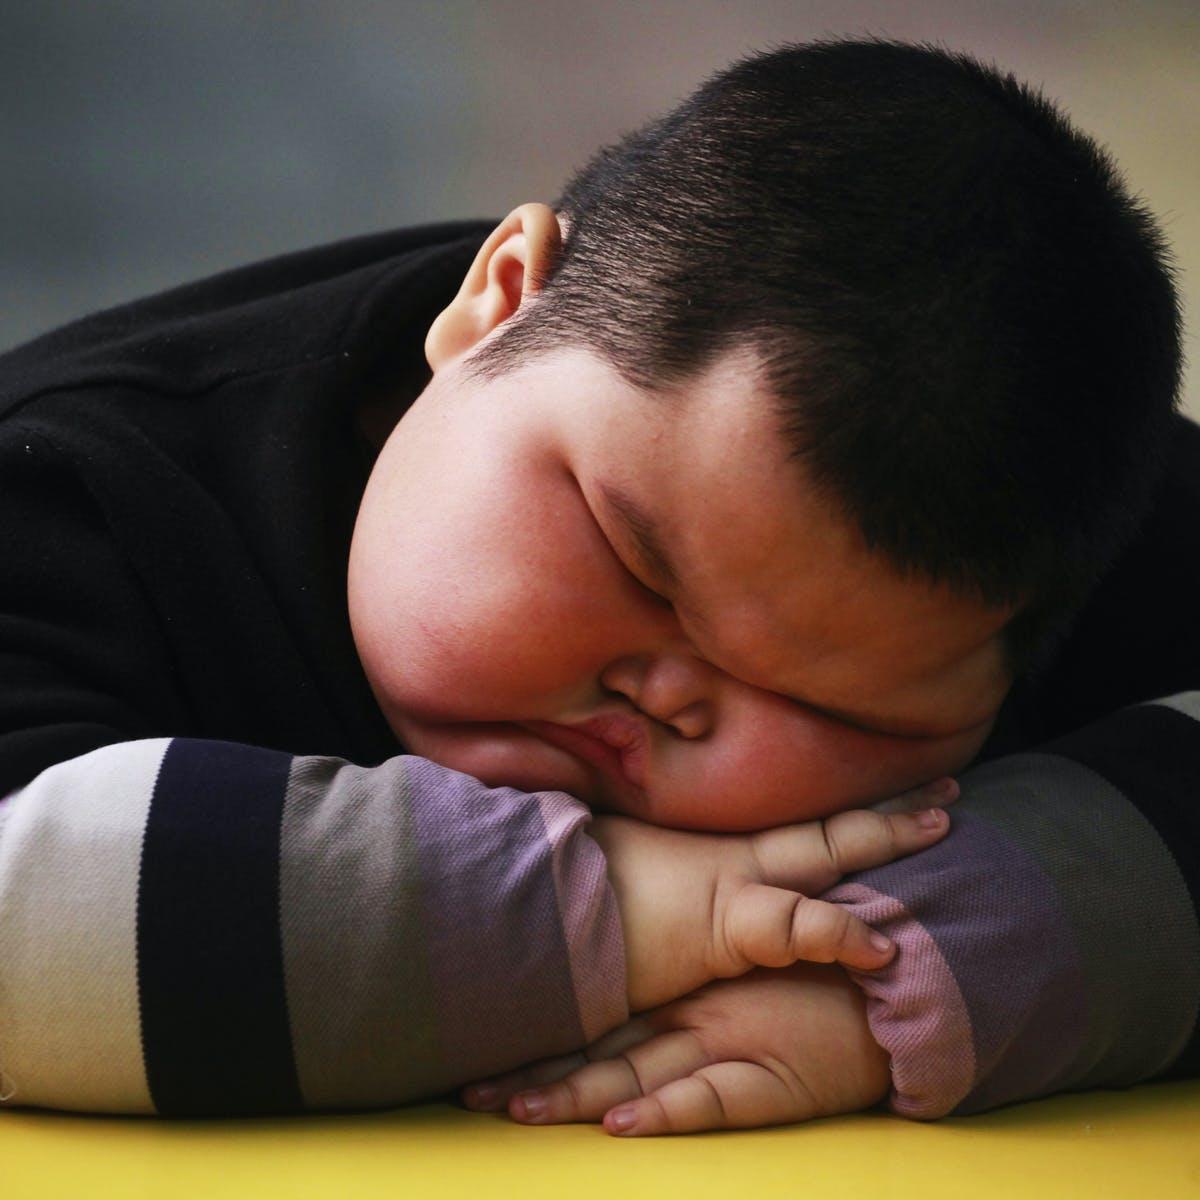 چاقی در کودکان و بیماری های ناشی از آن